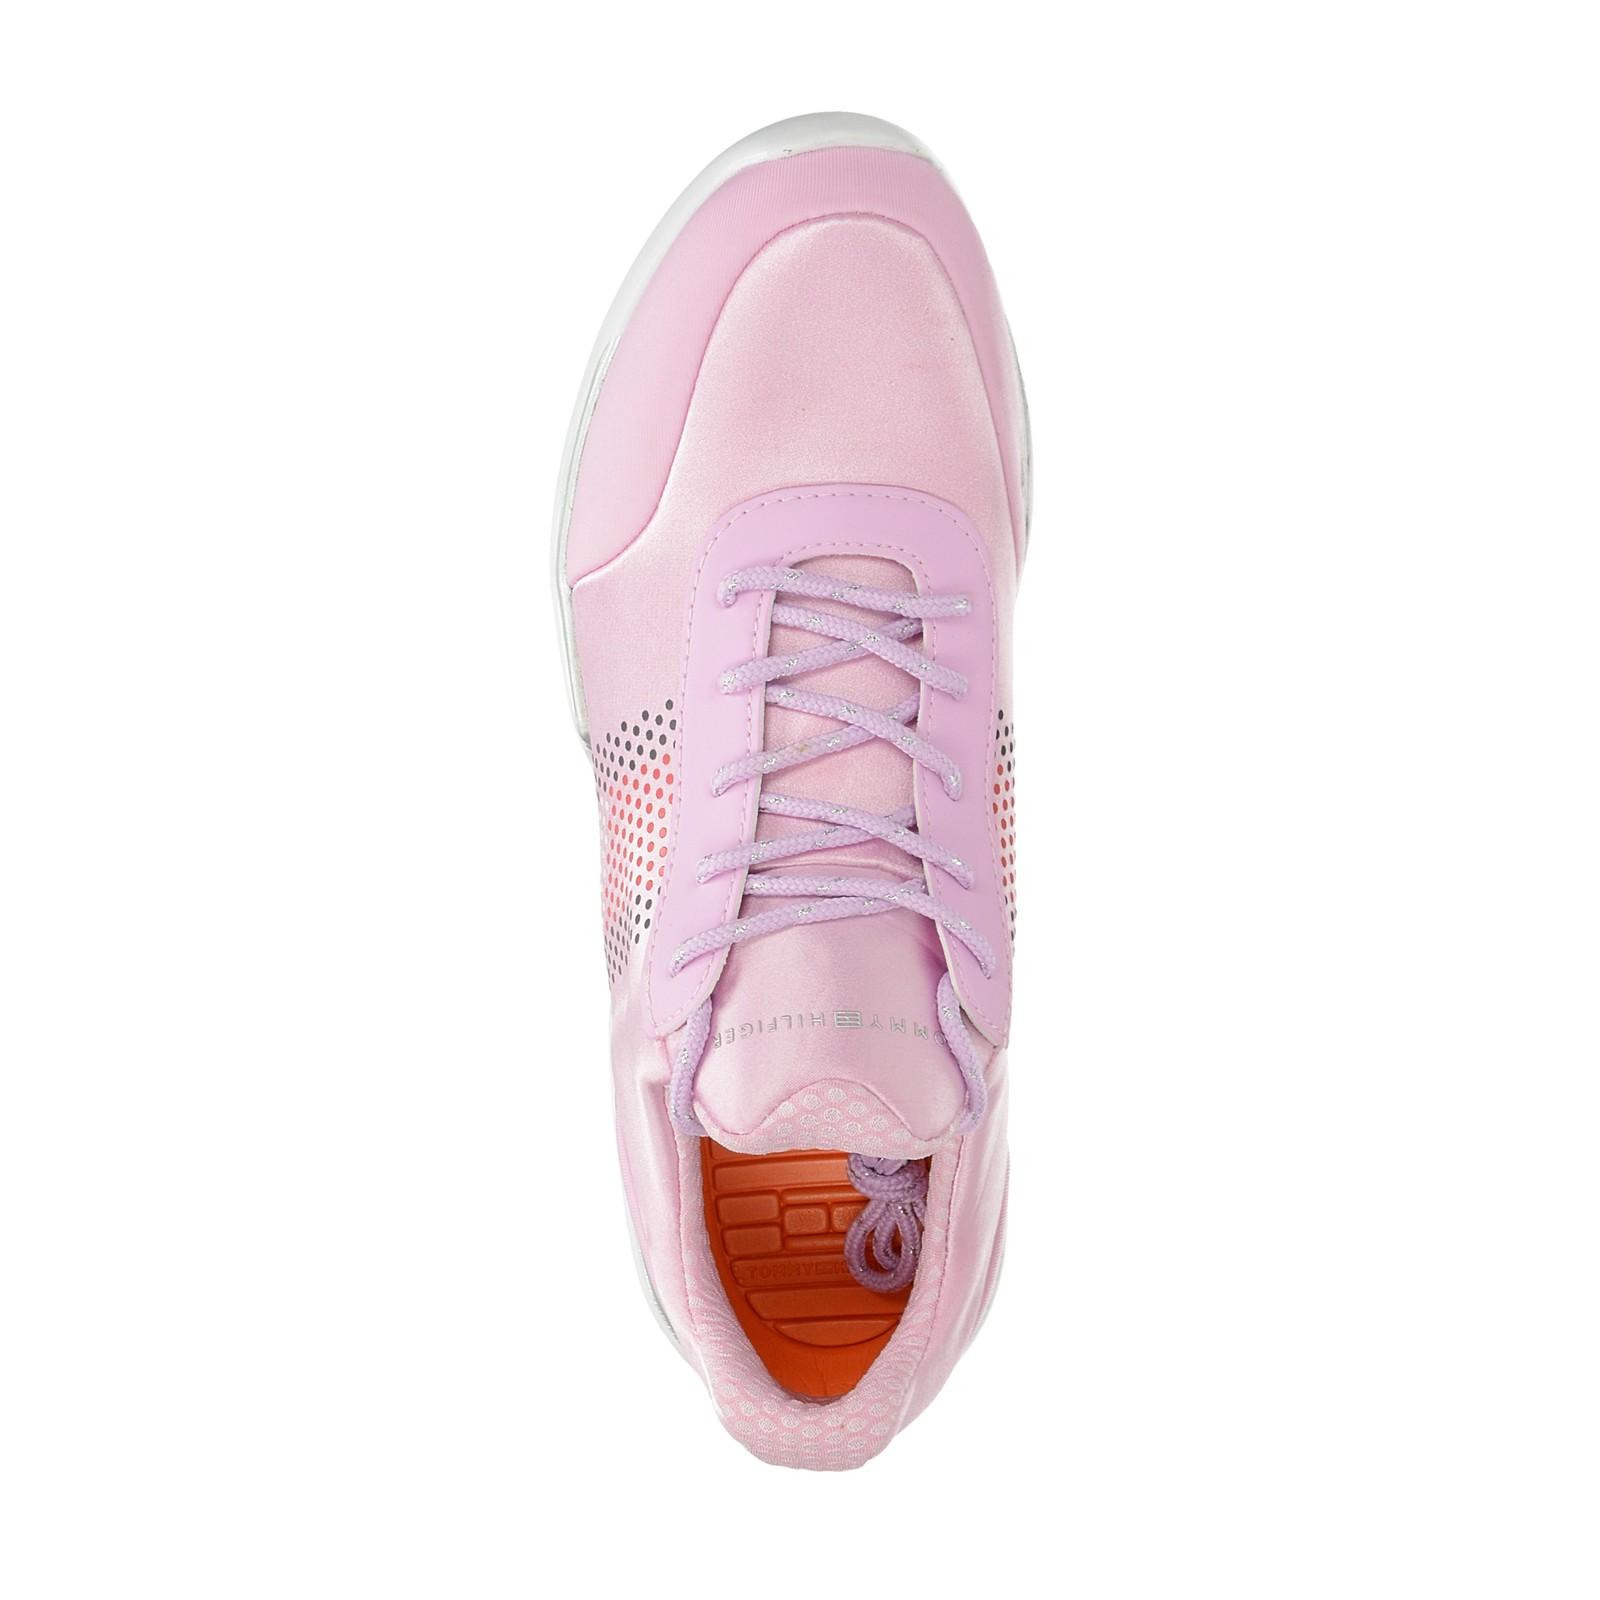 d0b735c15d Tommy Hilfiger dámske štýlové tenisky - ružové ...